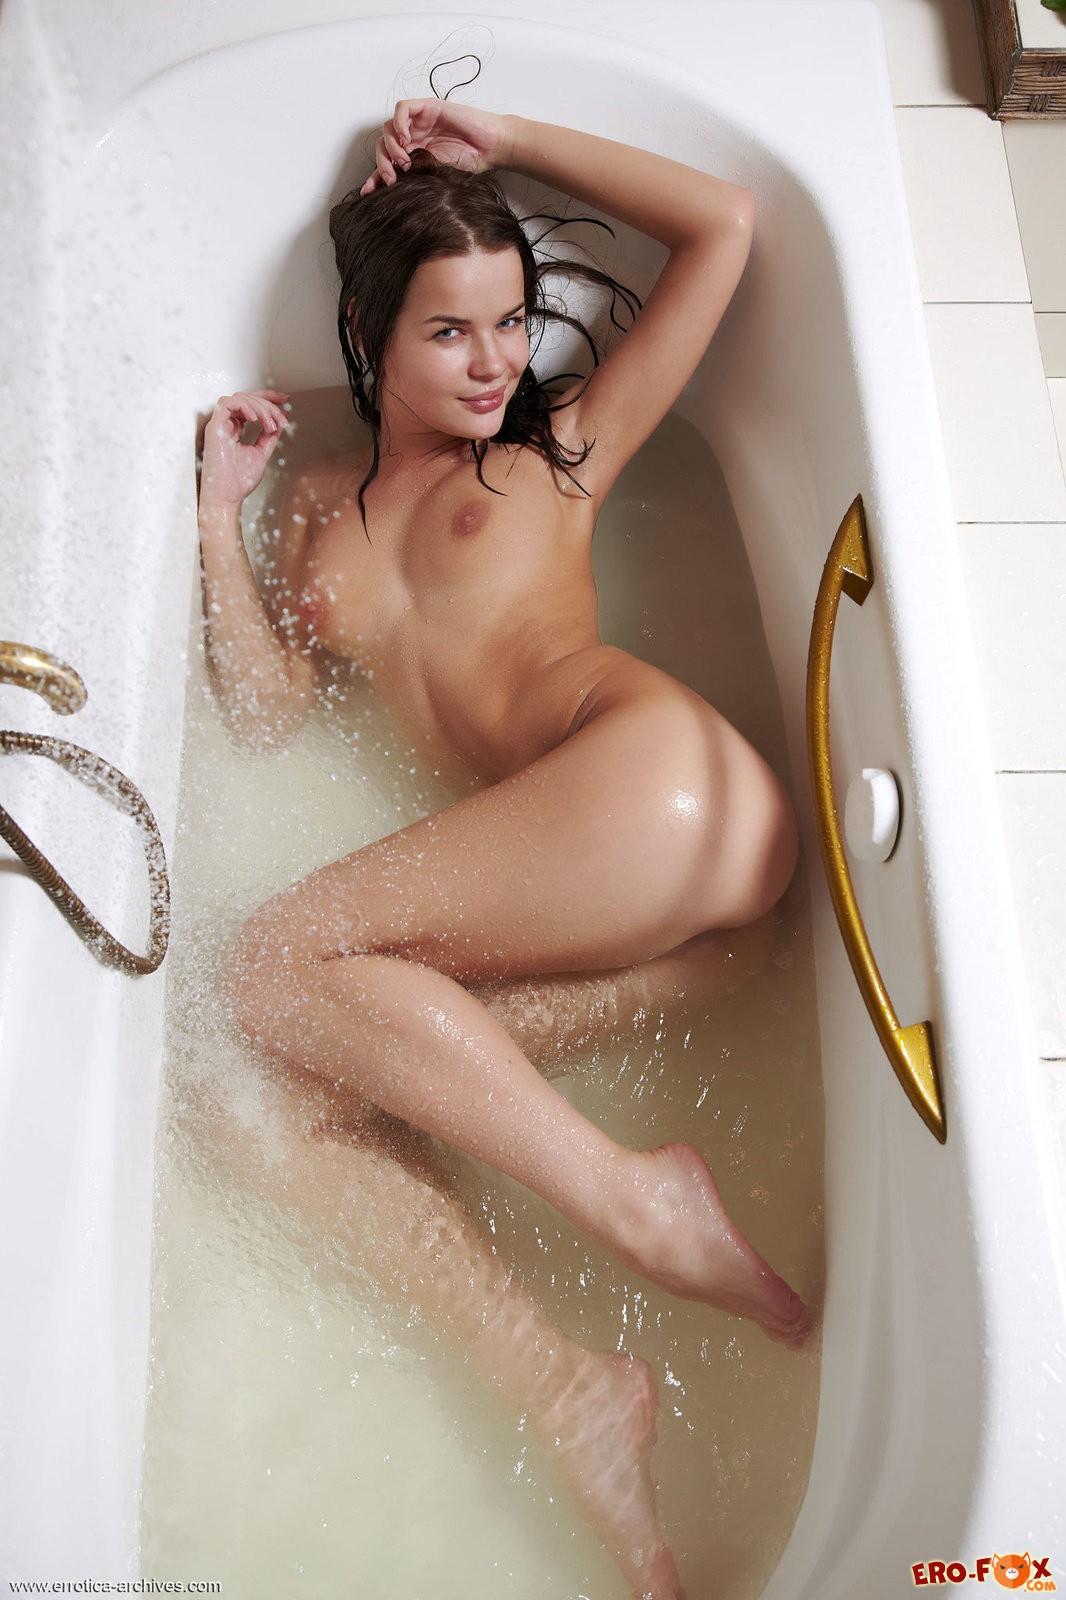 Мокрая девушка моется в ванной